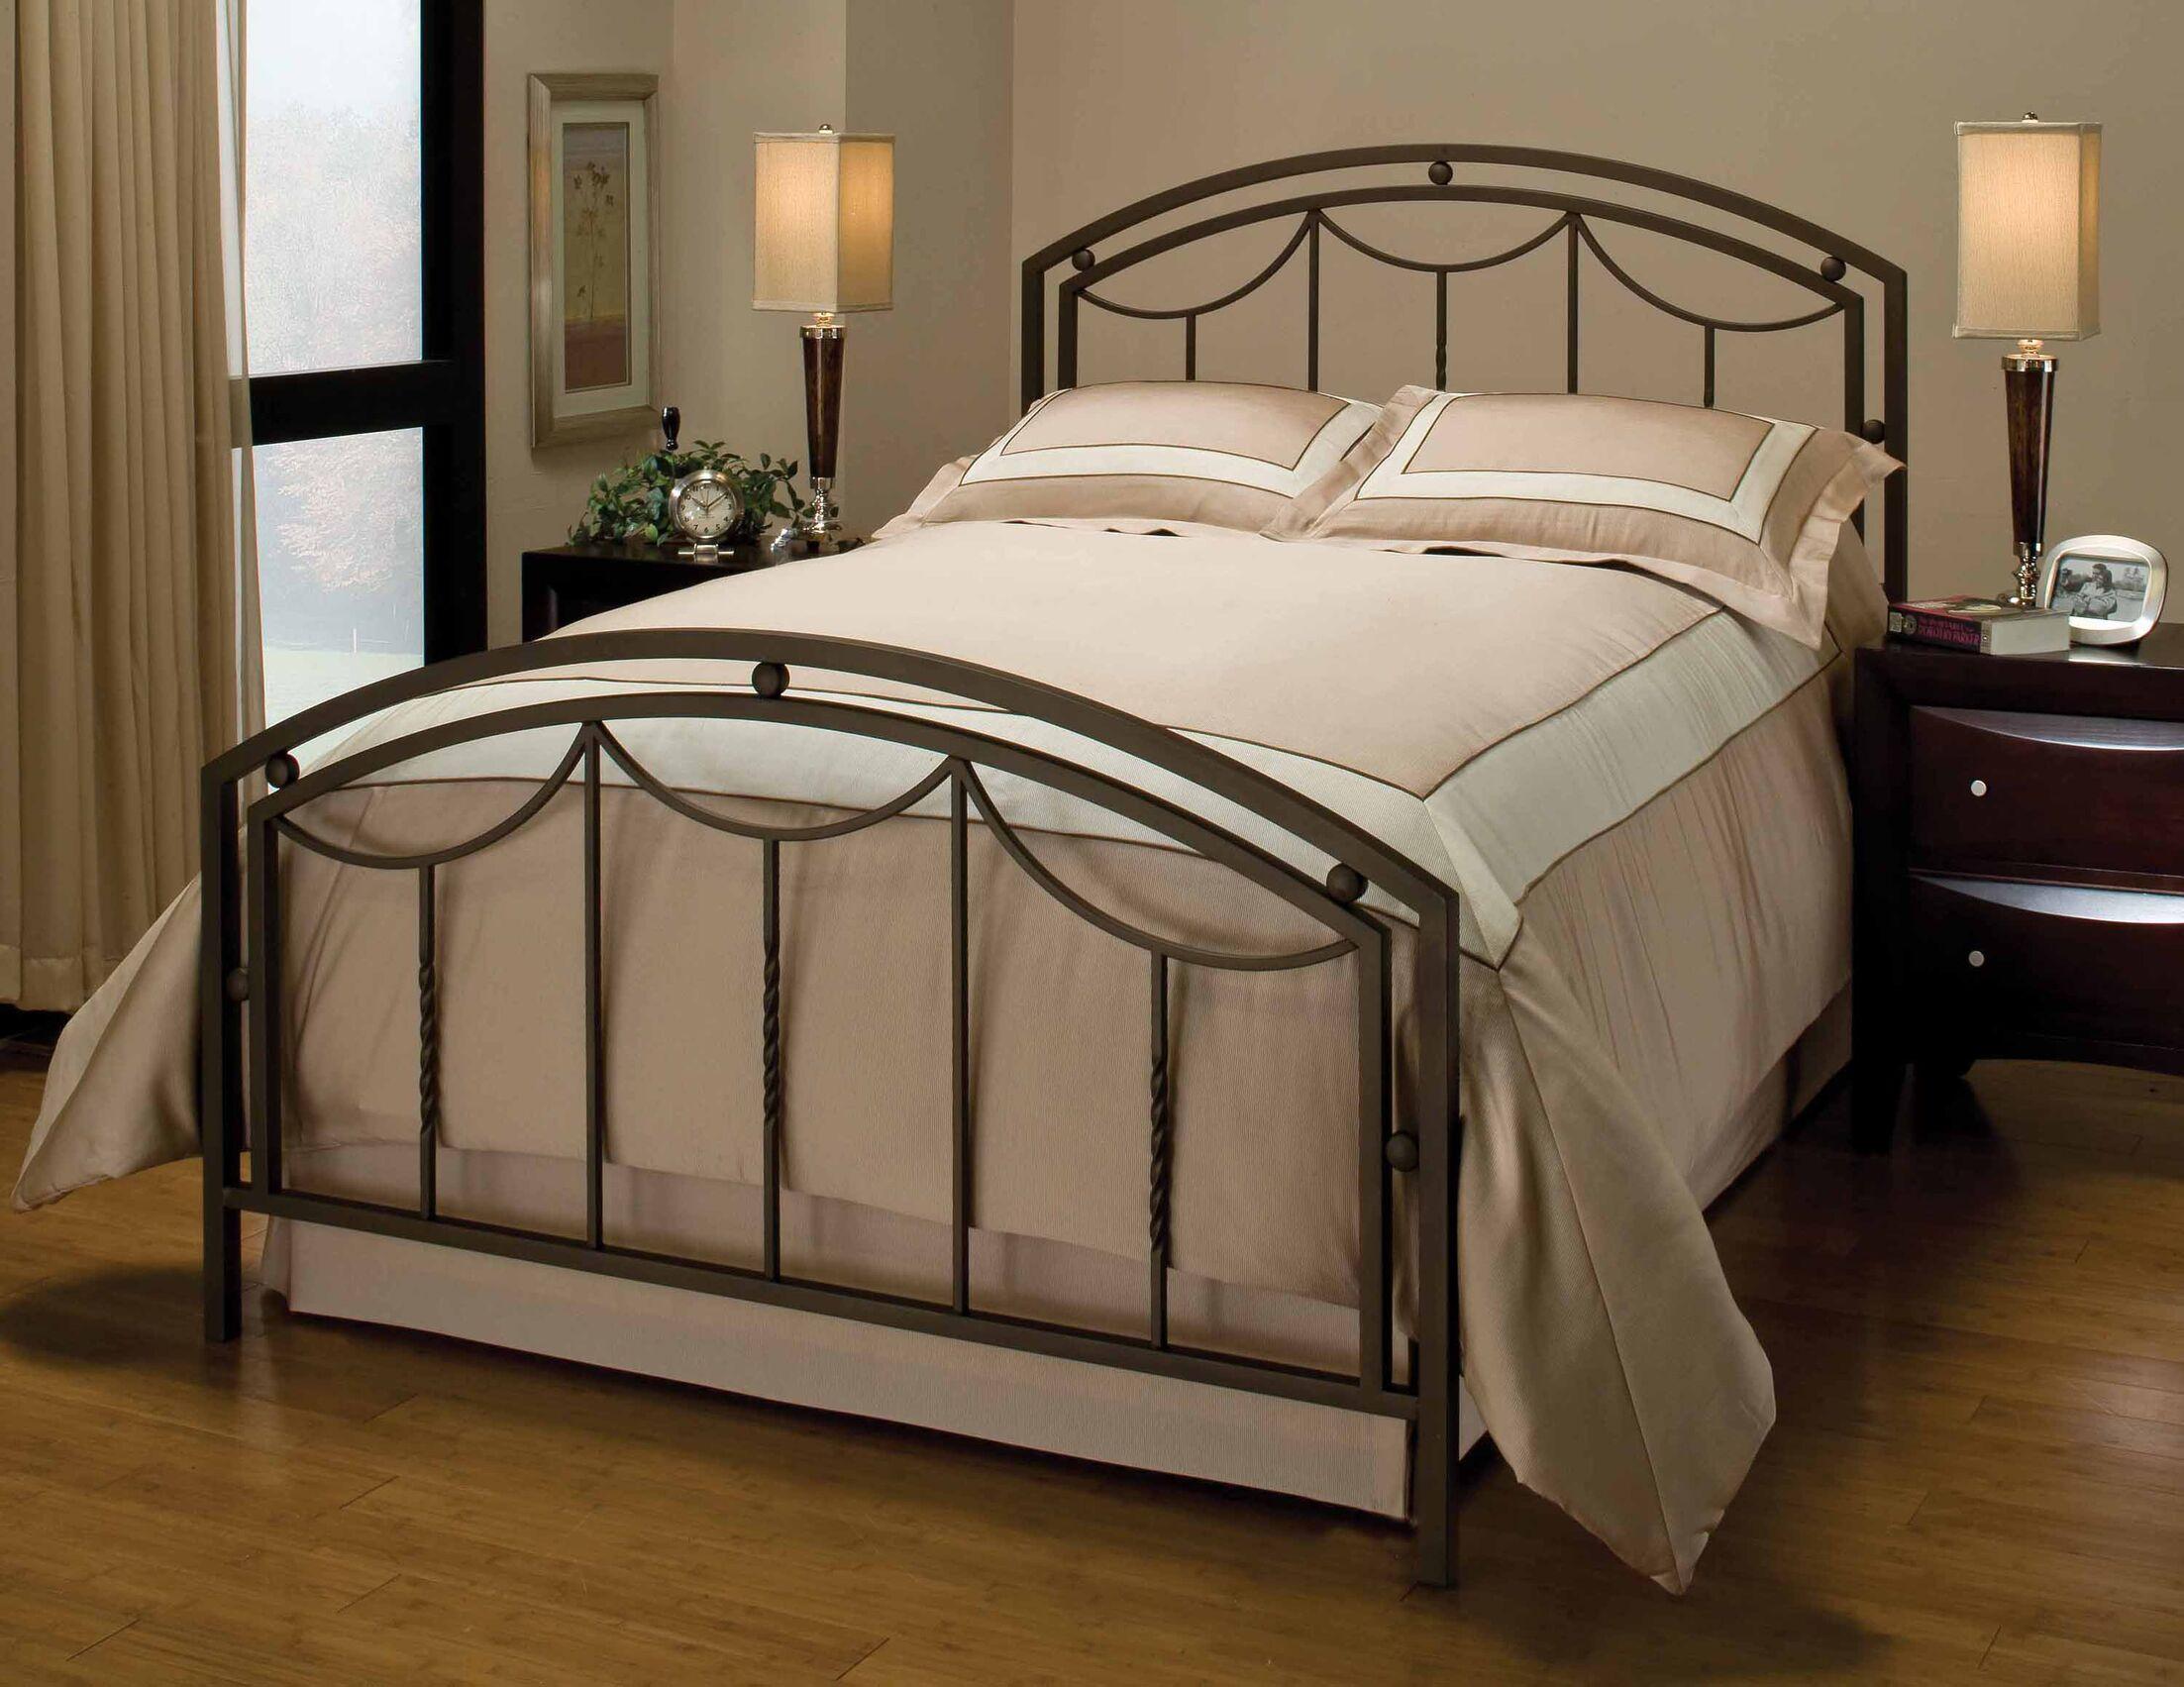 Delaney Bed Size: King